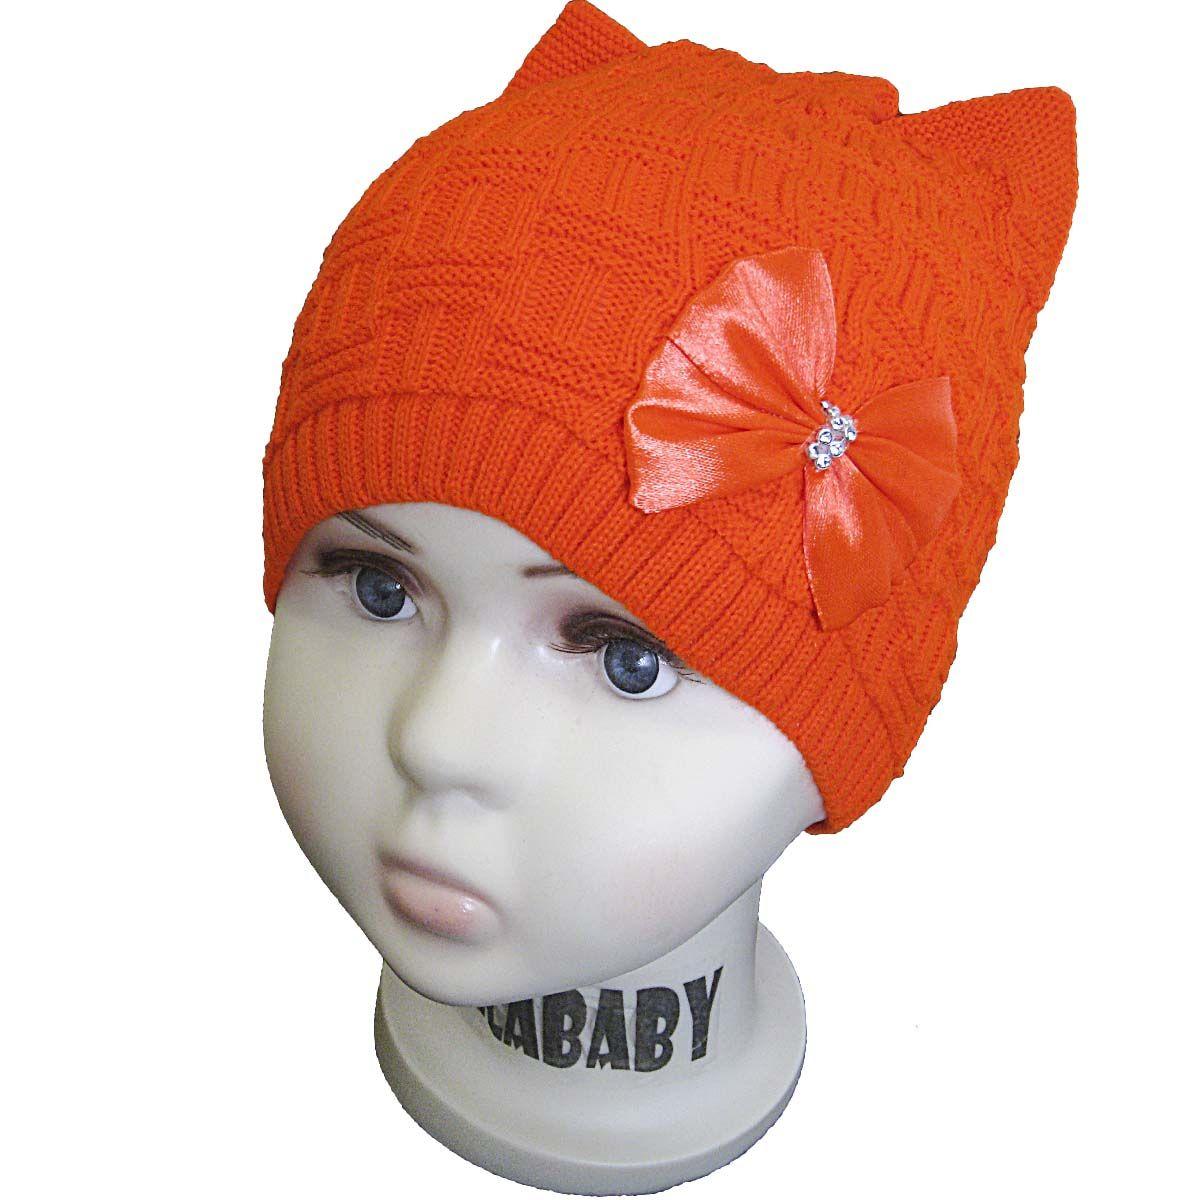 вд1075-41 Шапка рельефной вязки плетенка с бантом оранжевая